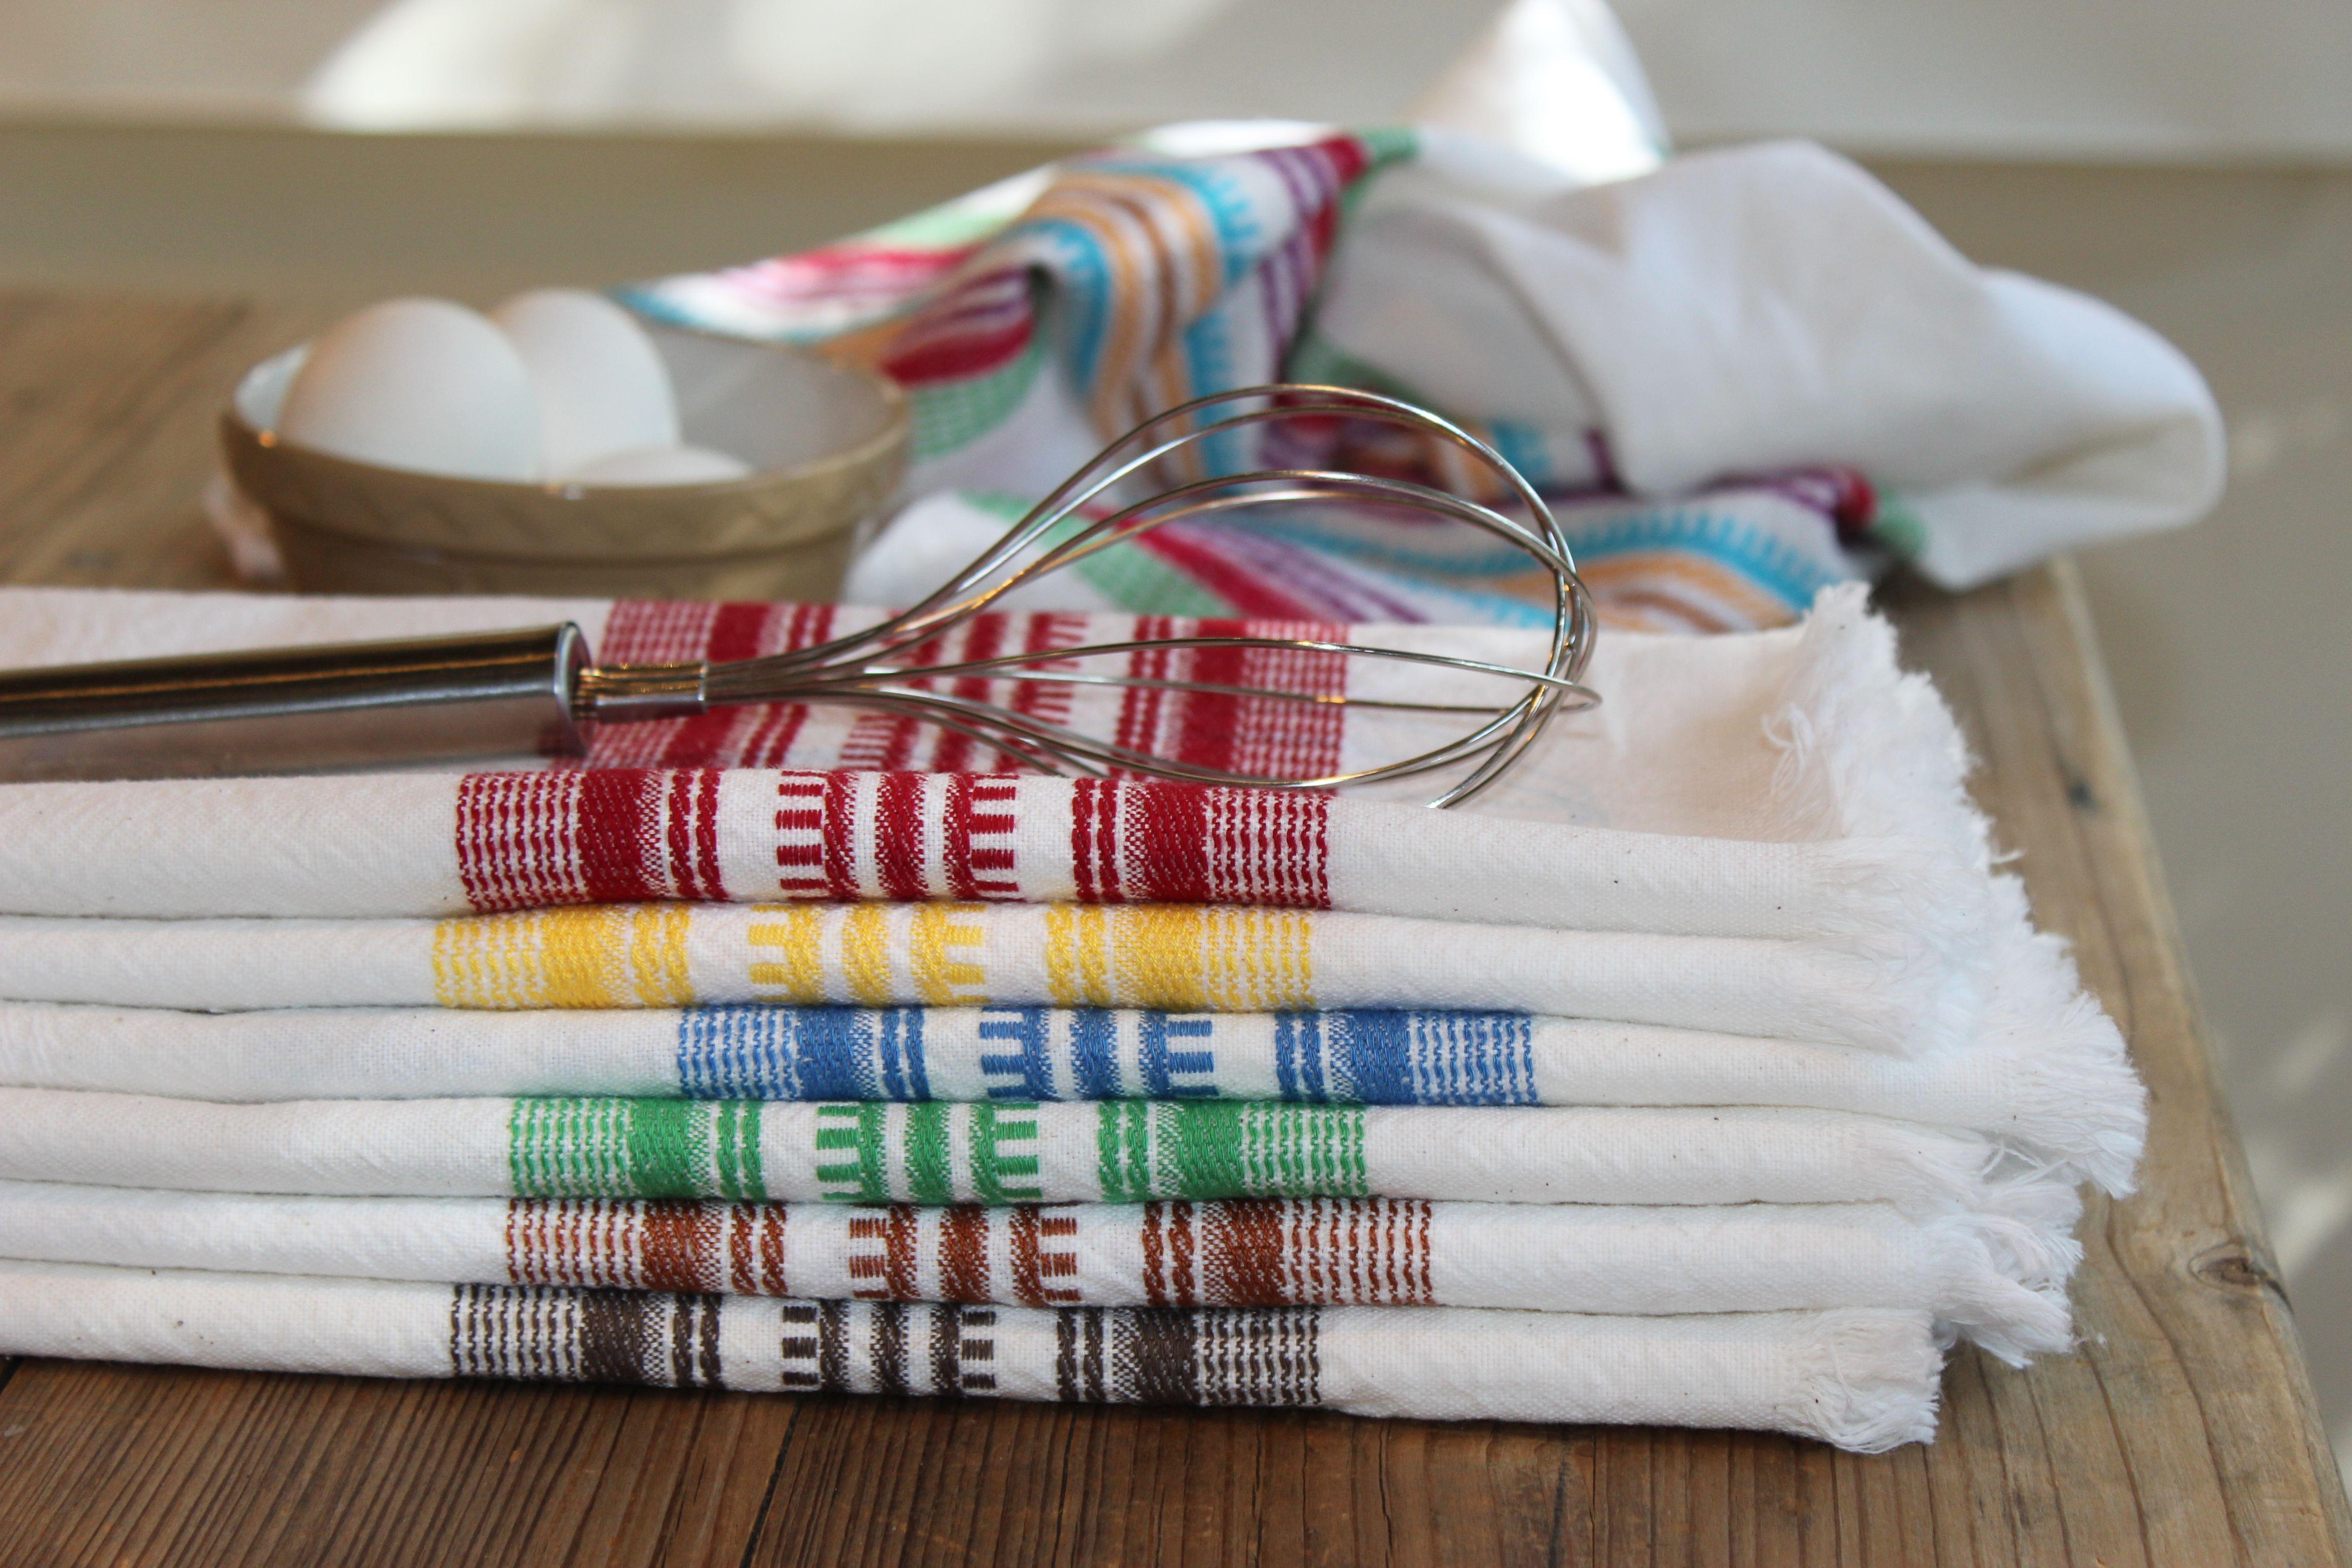 Mimi Robinson Design:  colorful cotton dishtowels handwoven in Guatemala